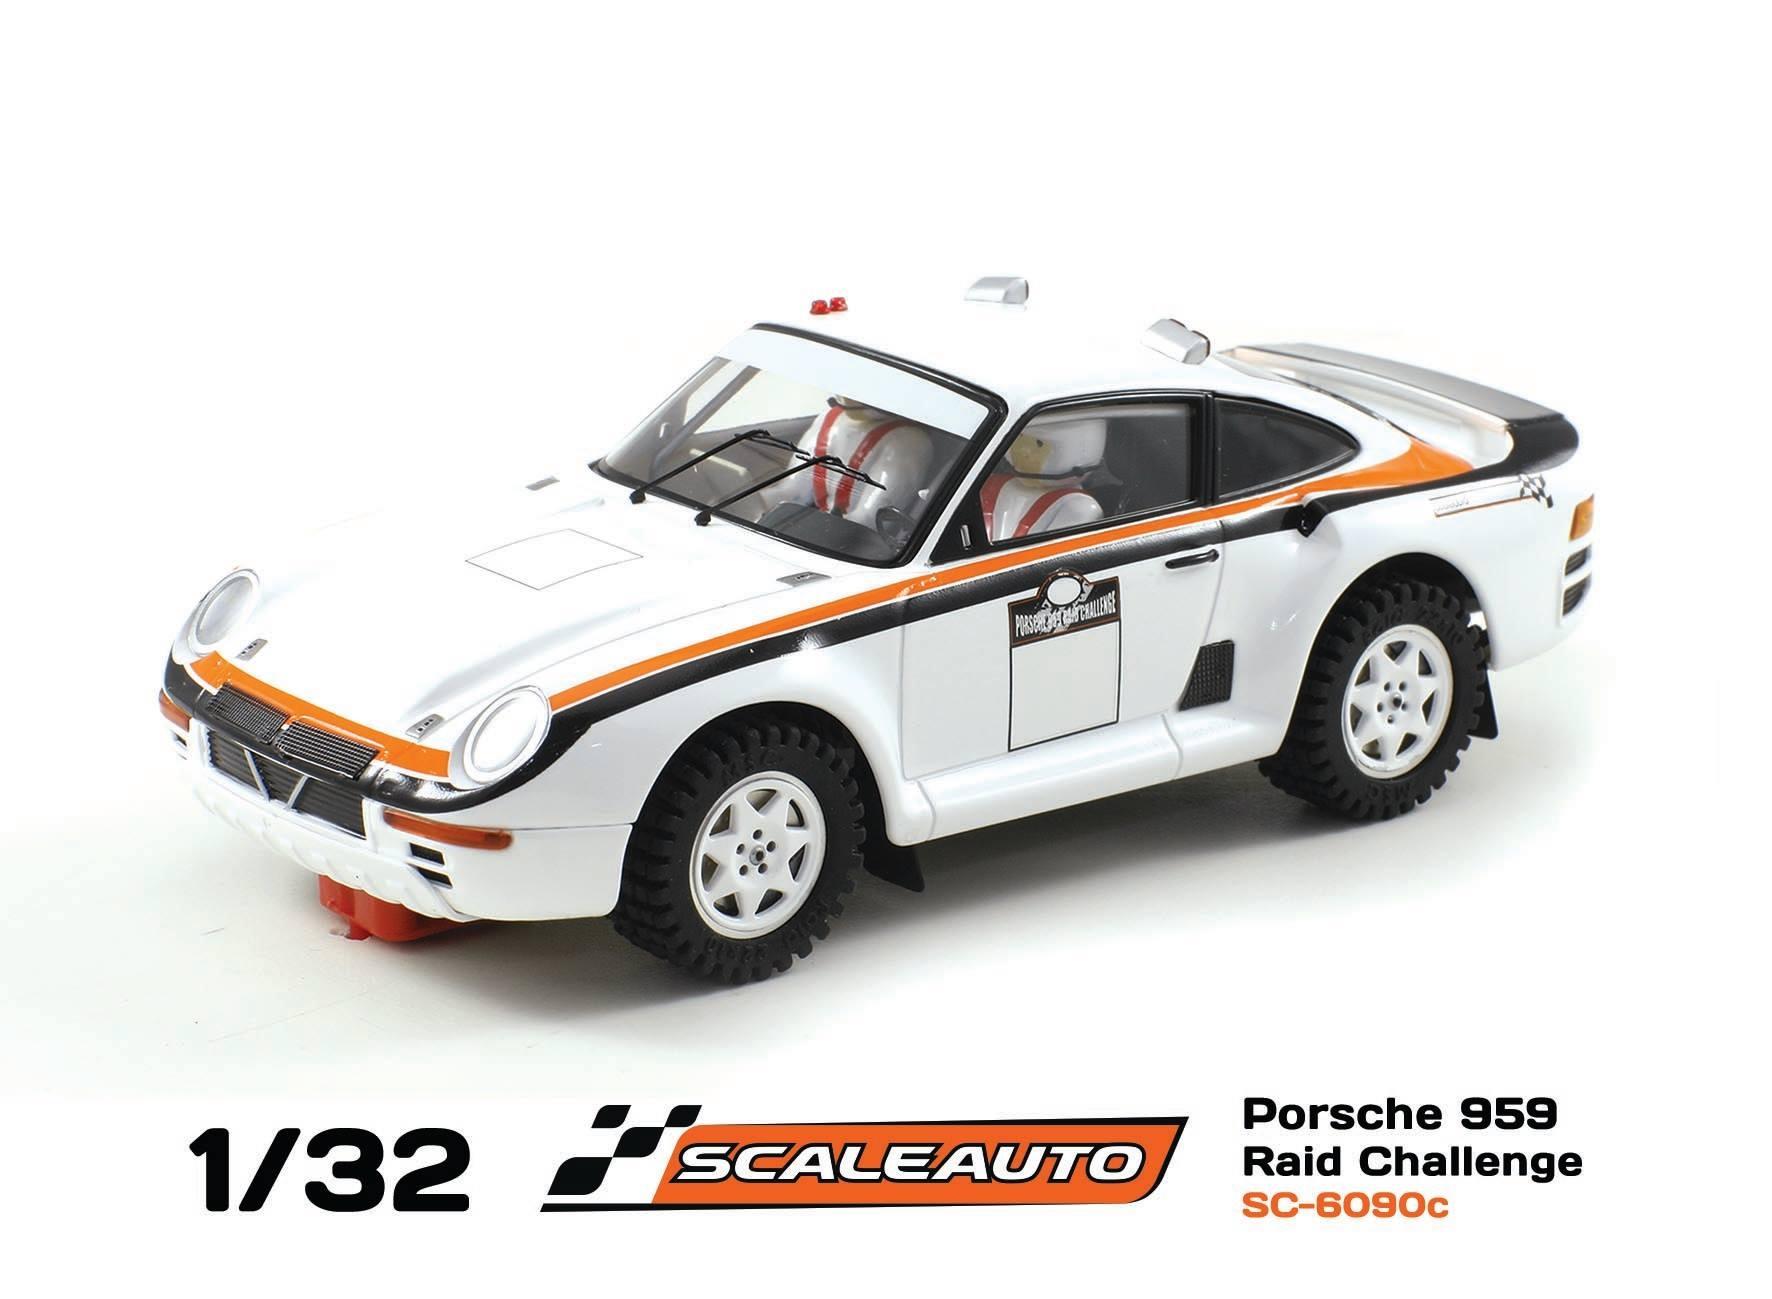 Porsche 959 SC-6090C Challenge Raid Blanc.